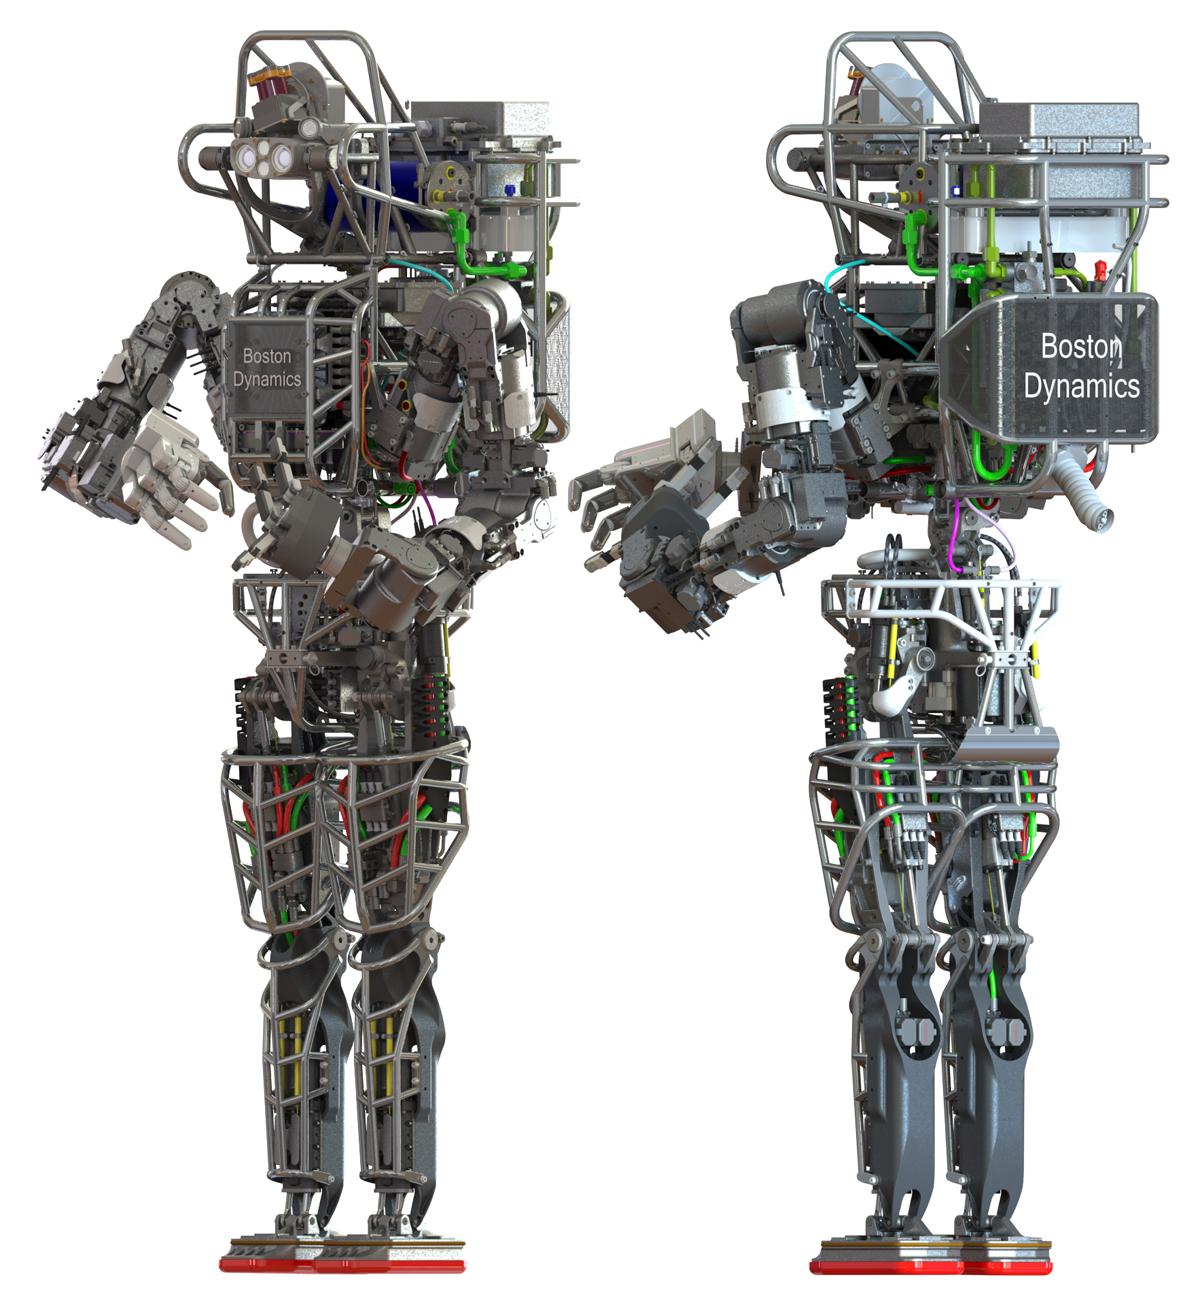 darpa_atlas_robot